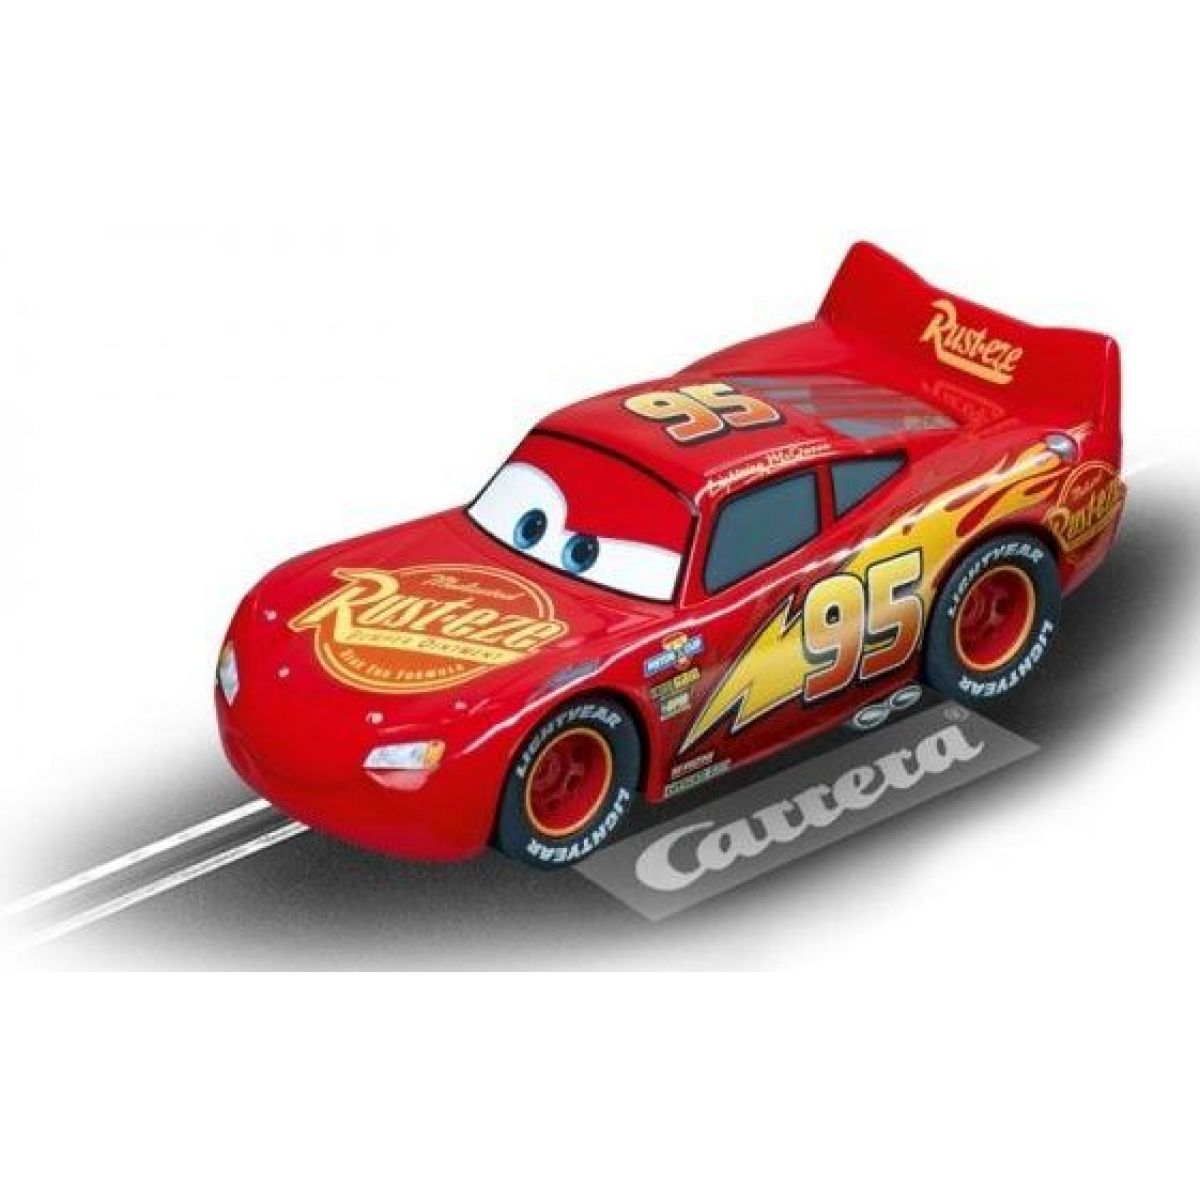 Carrera Go Cars 3 Lightning McQueen